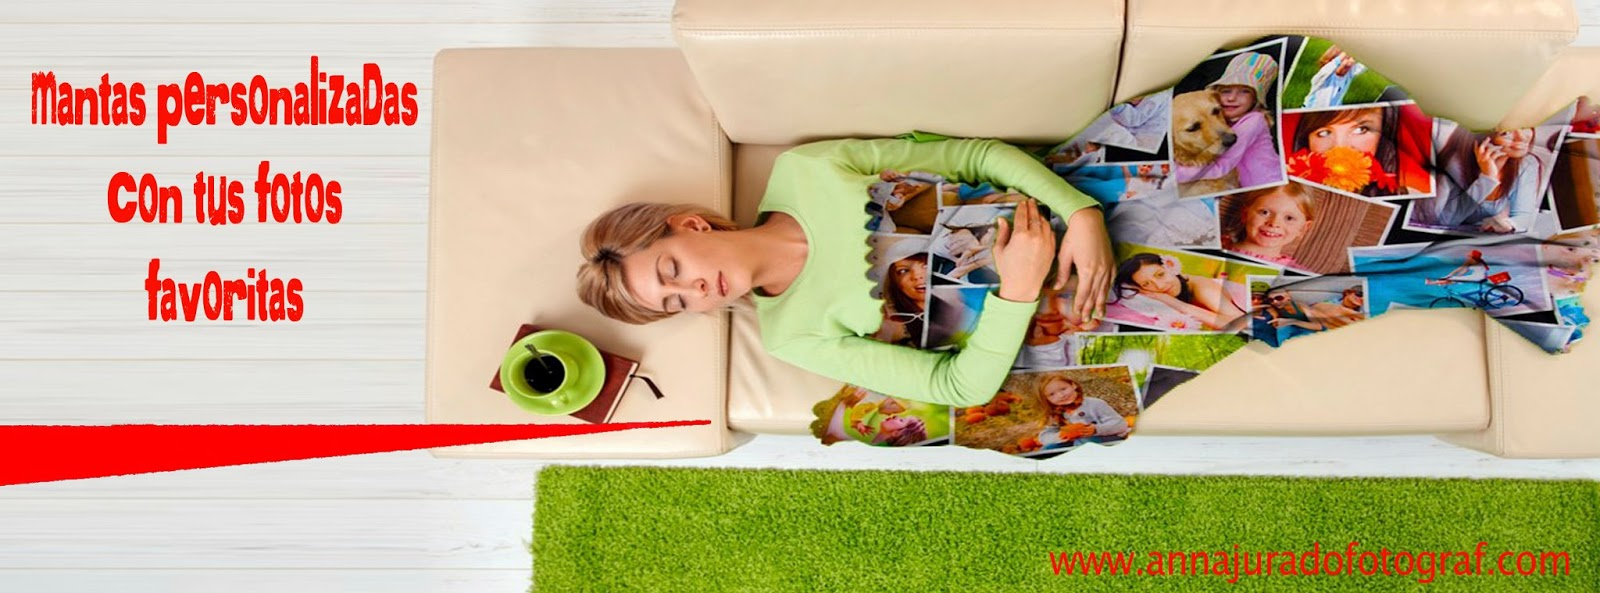 Anna jurado fotograf mantas personalizadas en oferta - Mantas con fotos ...